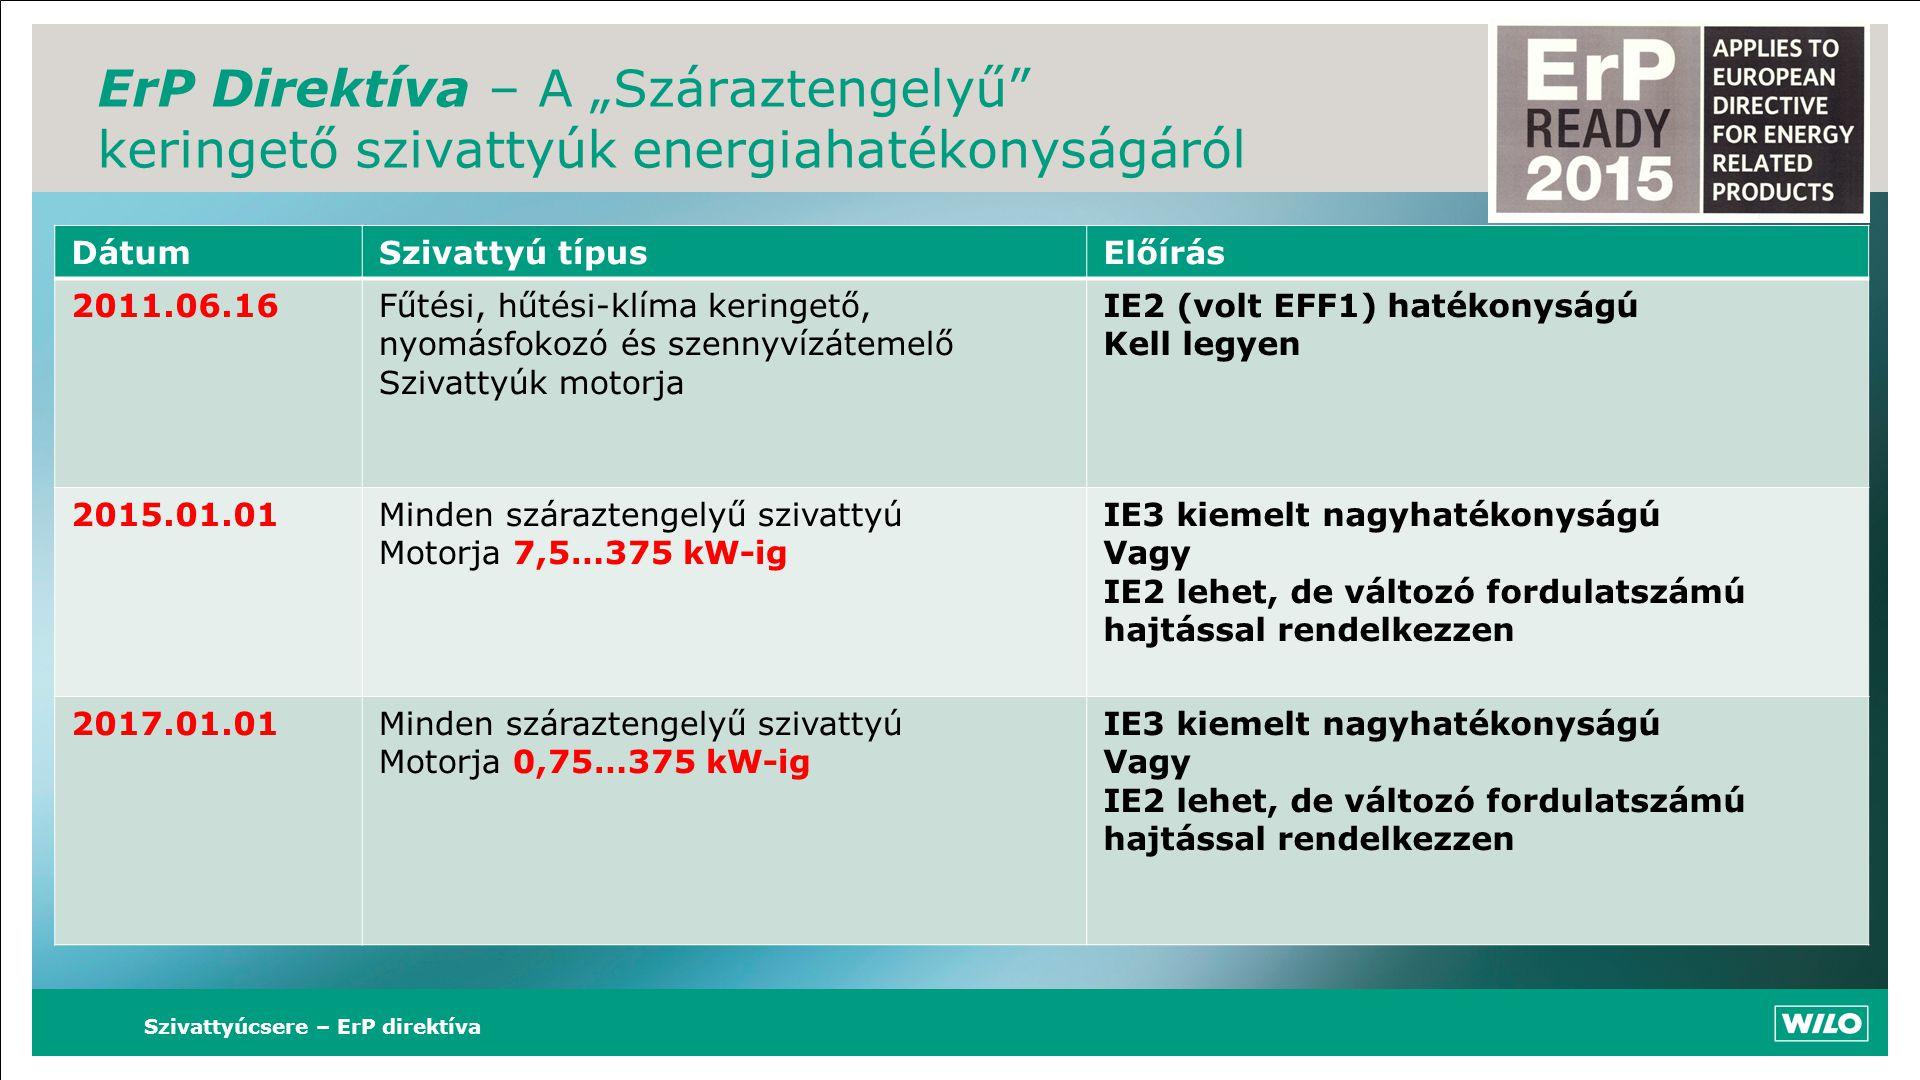 """ErP Direktíva – A """"Száraztengelyű"""" keringető szivattyúk energiahatékonyságáról DátumSzivattyú típusElőírás 2011.06.16Fűtési, hűtési-klíma keringető, n"""